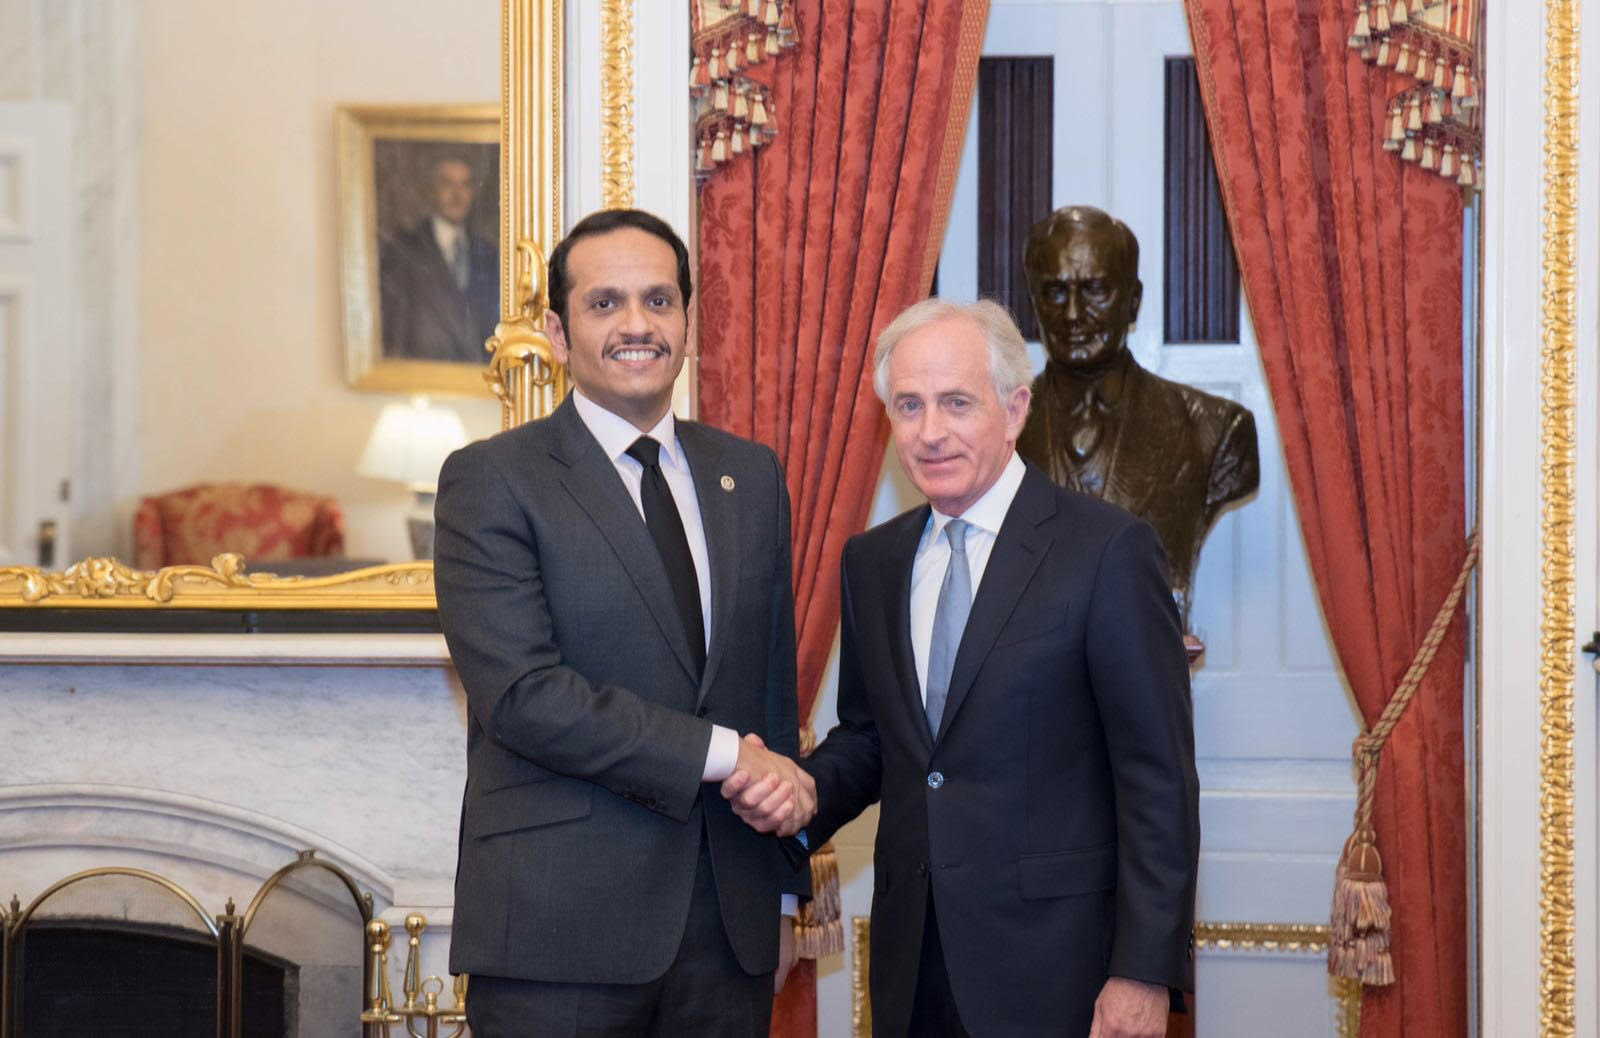 نائب رئيس مجلس الوزراء وزير الخارجية يجتمع مع مسؤولين أمريكيين